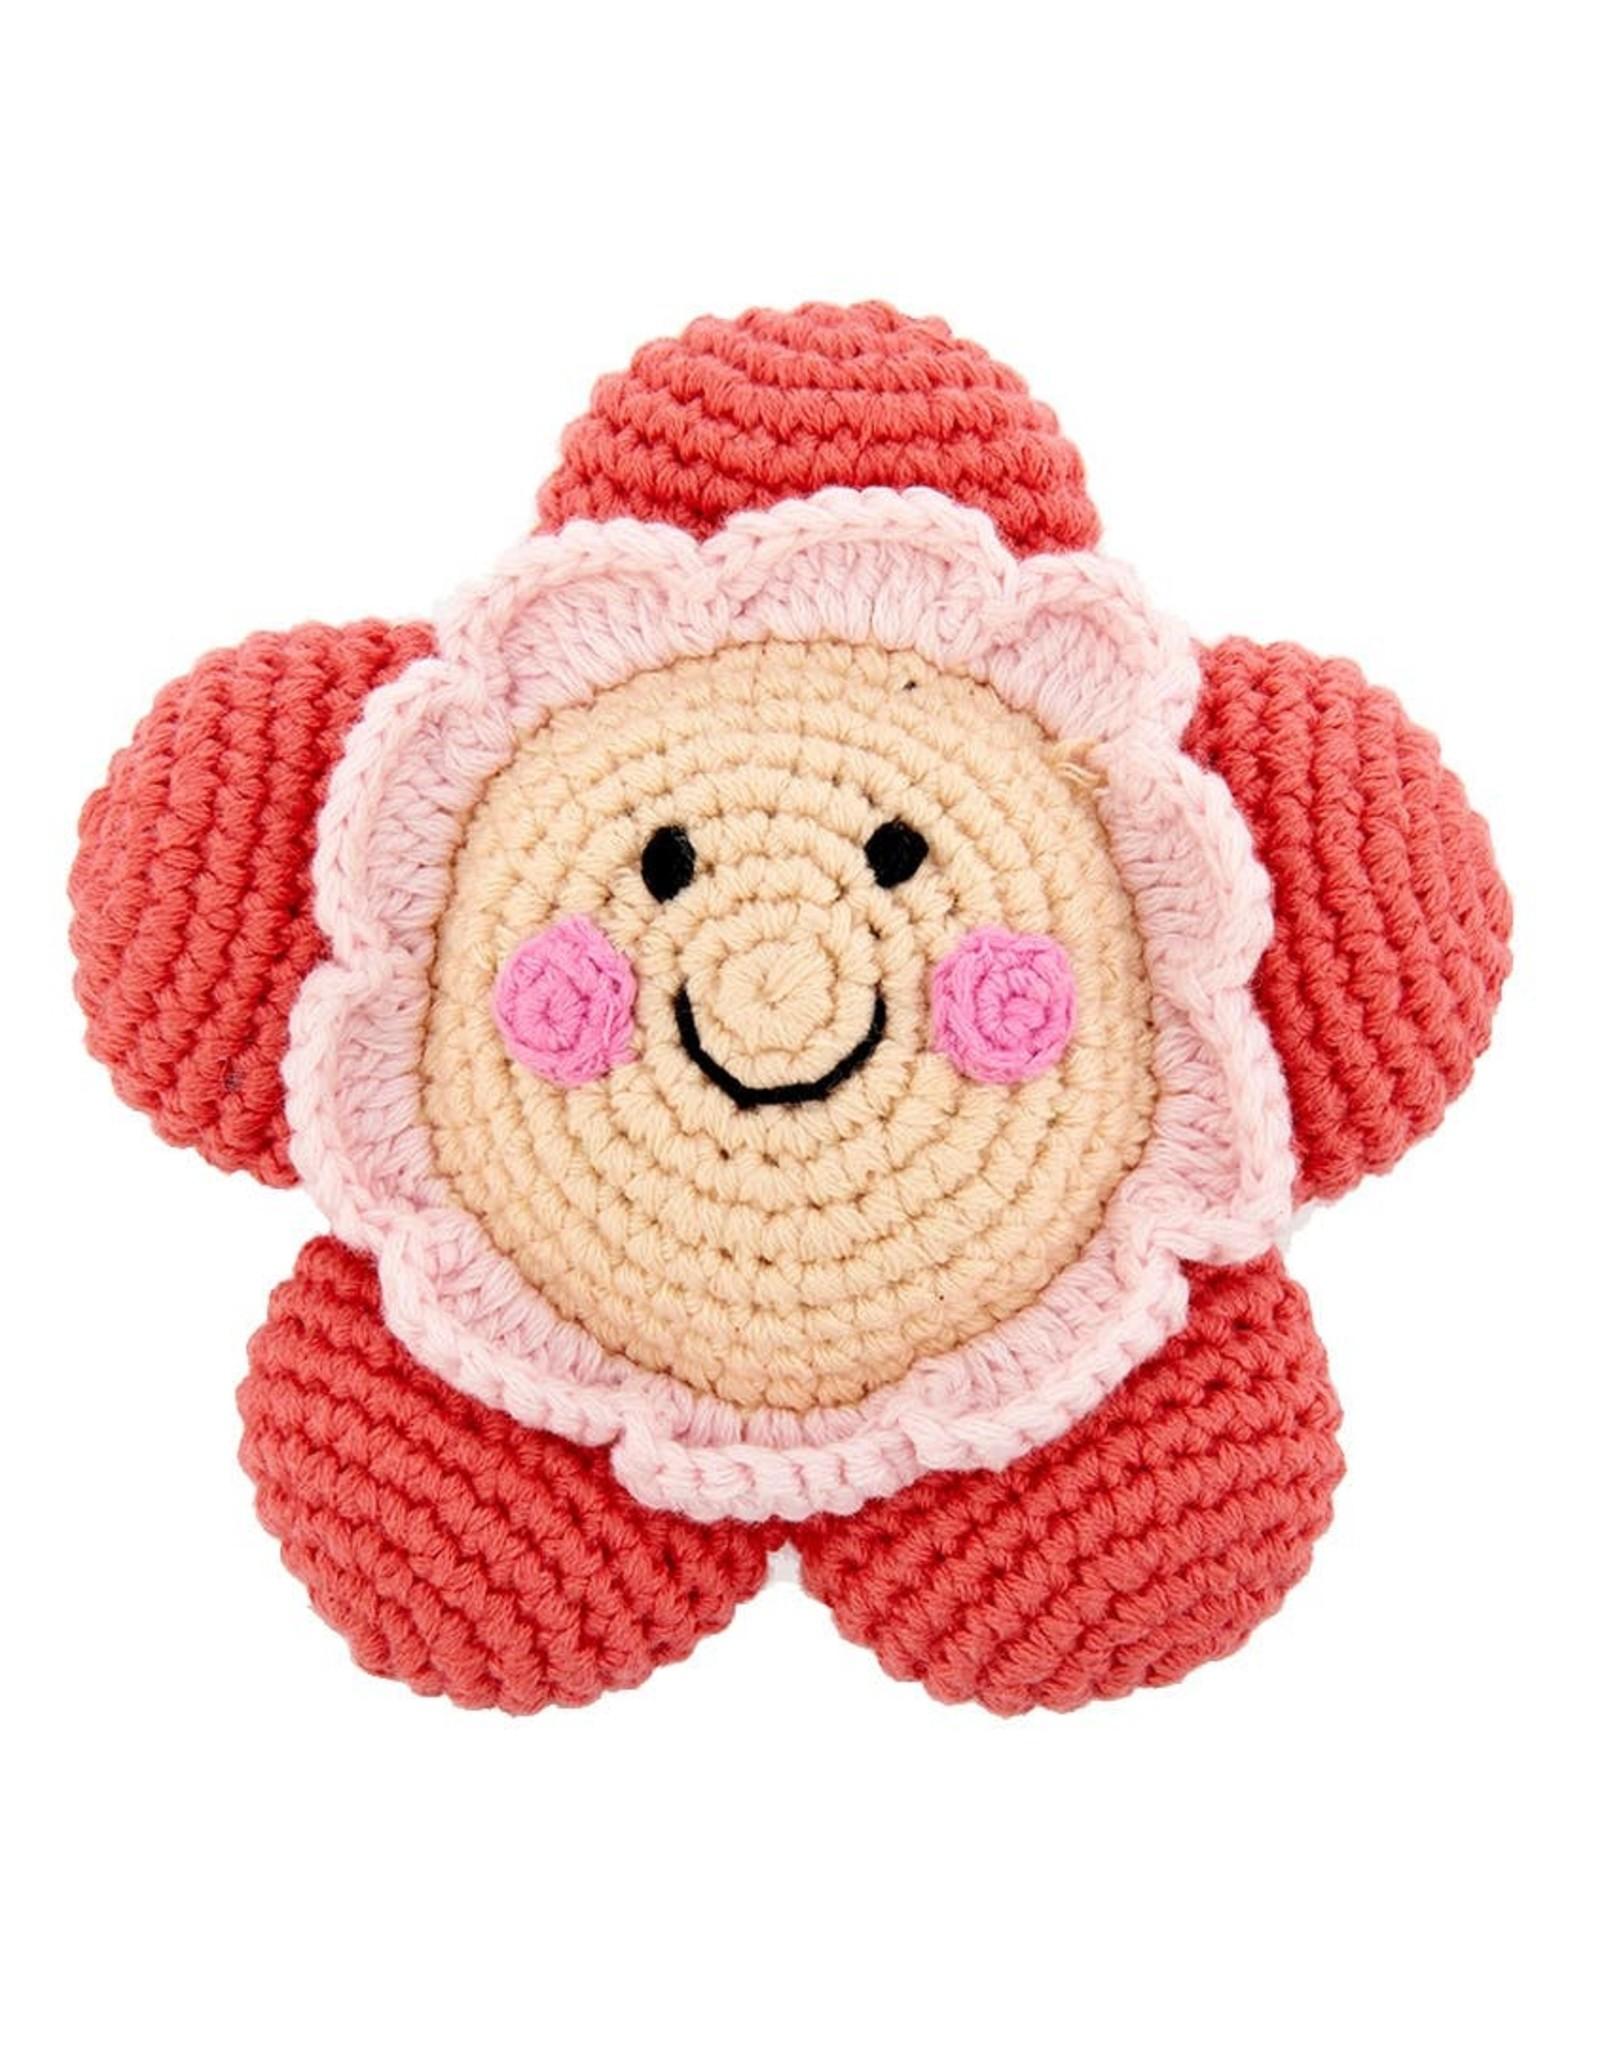 Pebble Friendly Flower Rattle